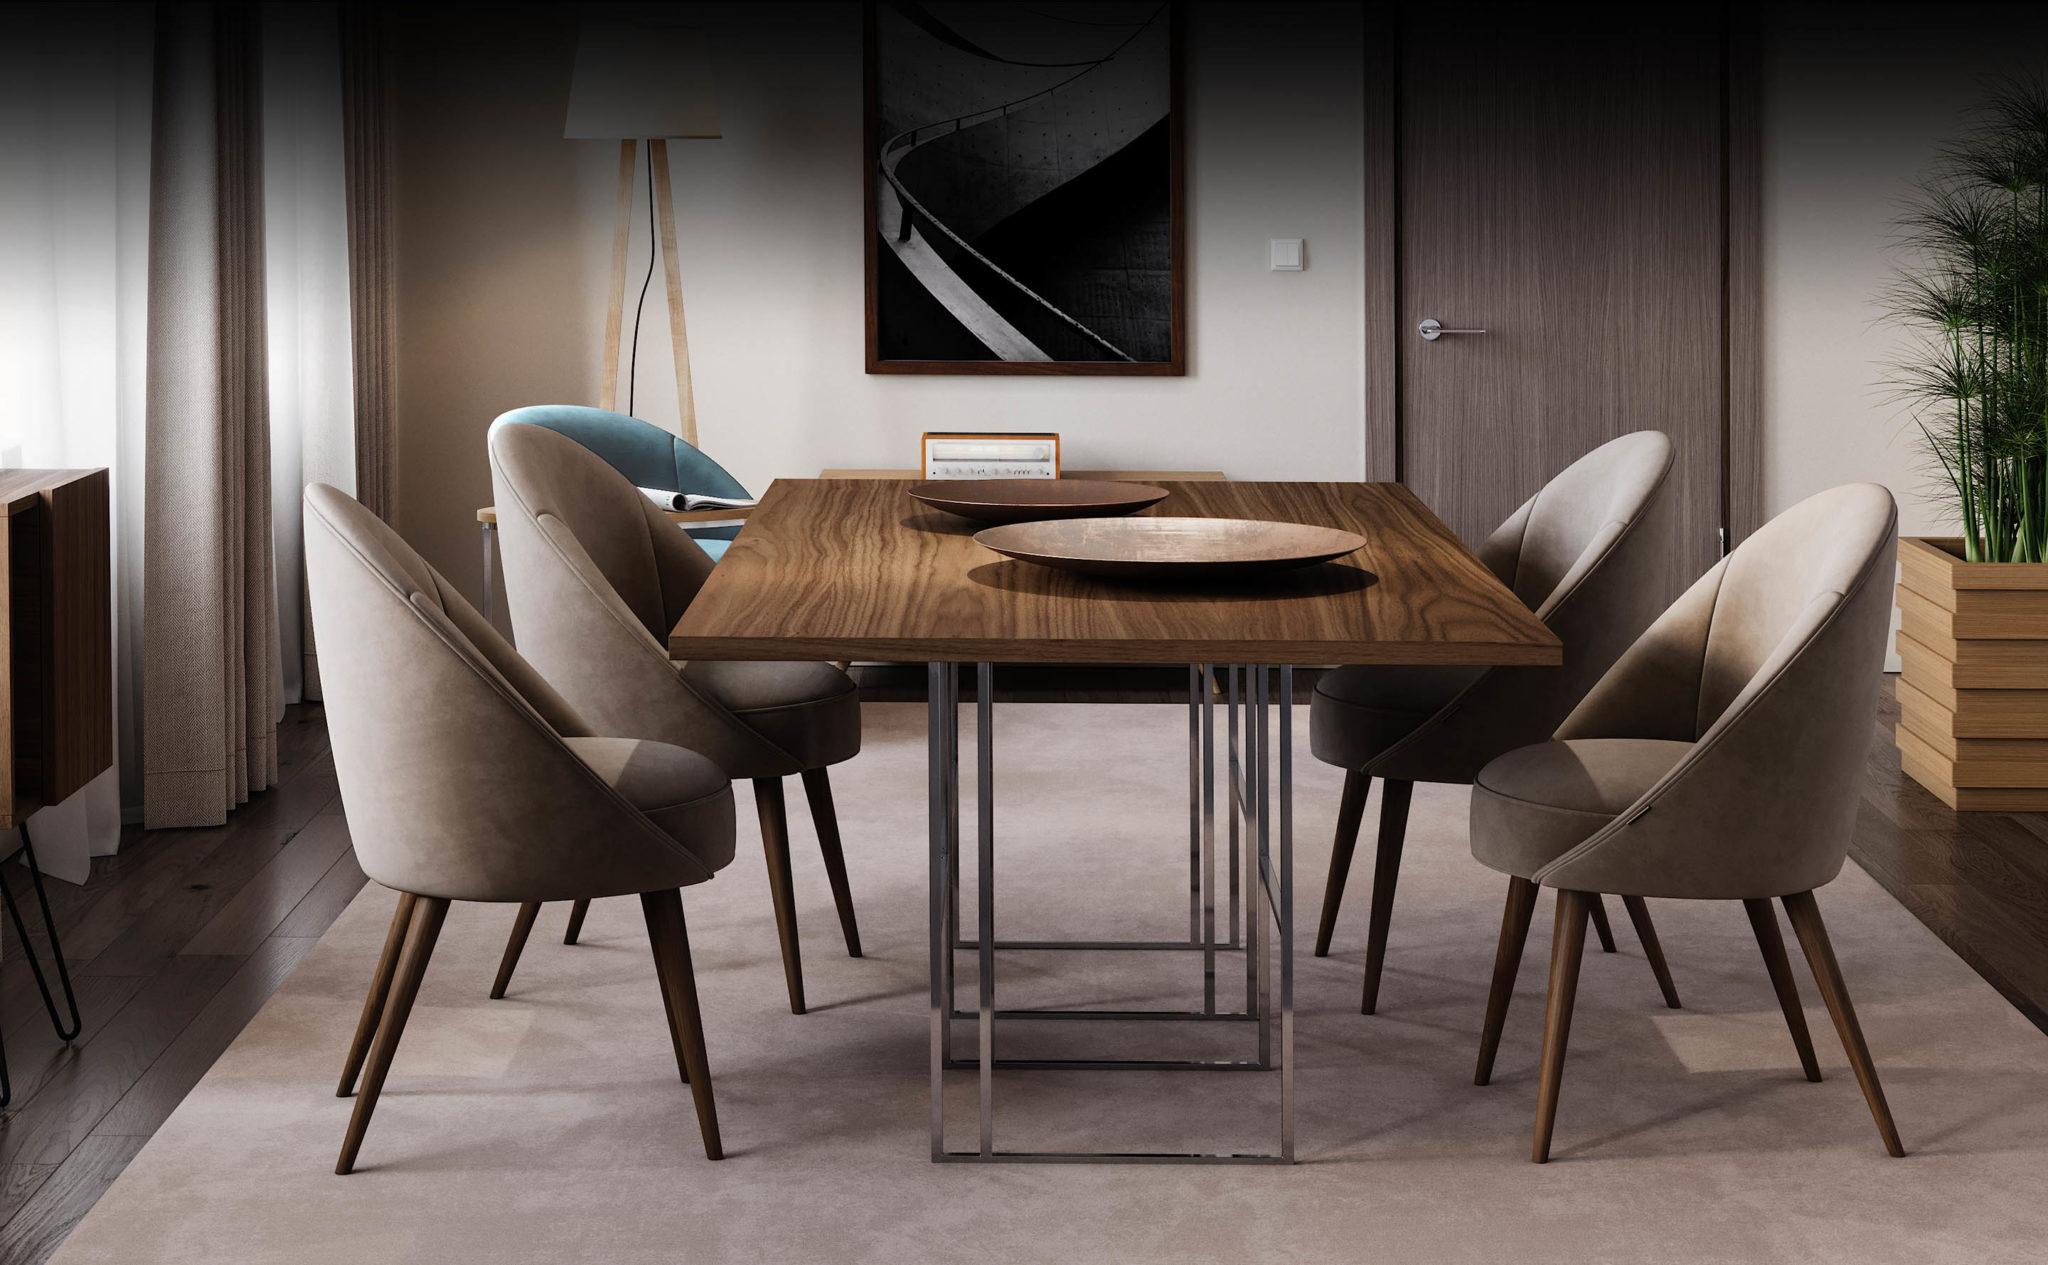 mesa-de-jantar-madeira-inox-cadeiras-bege